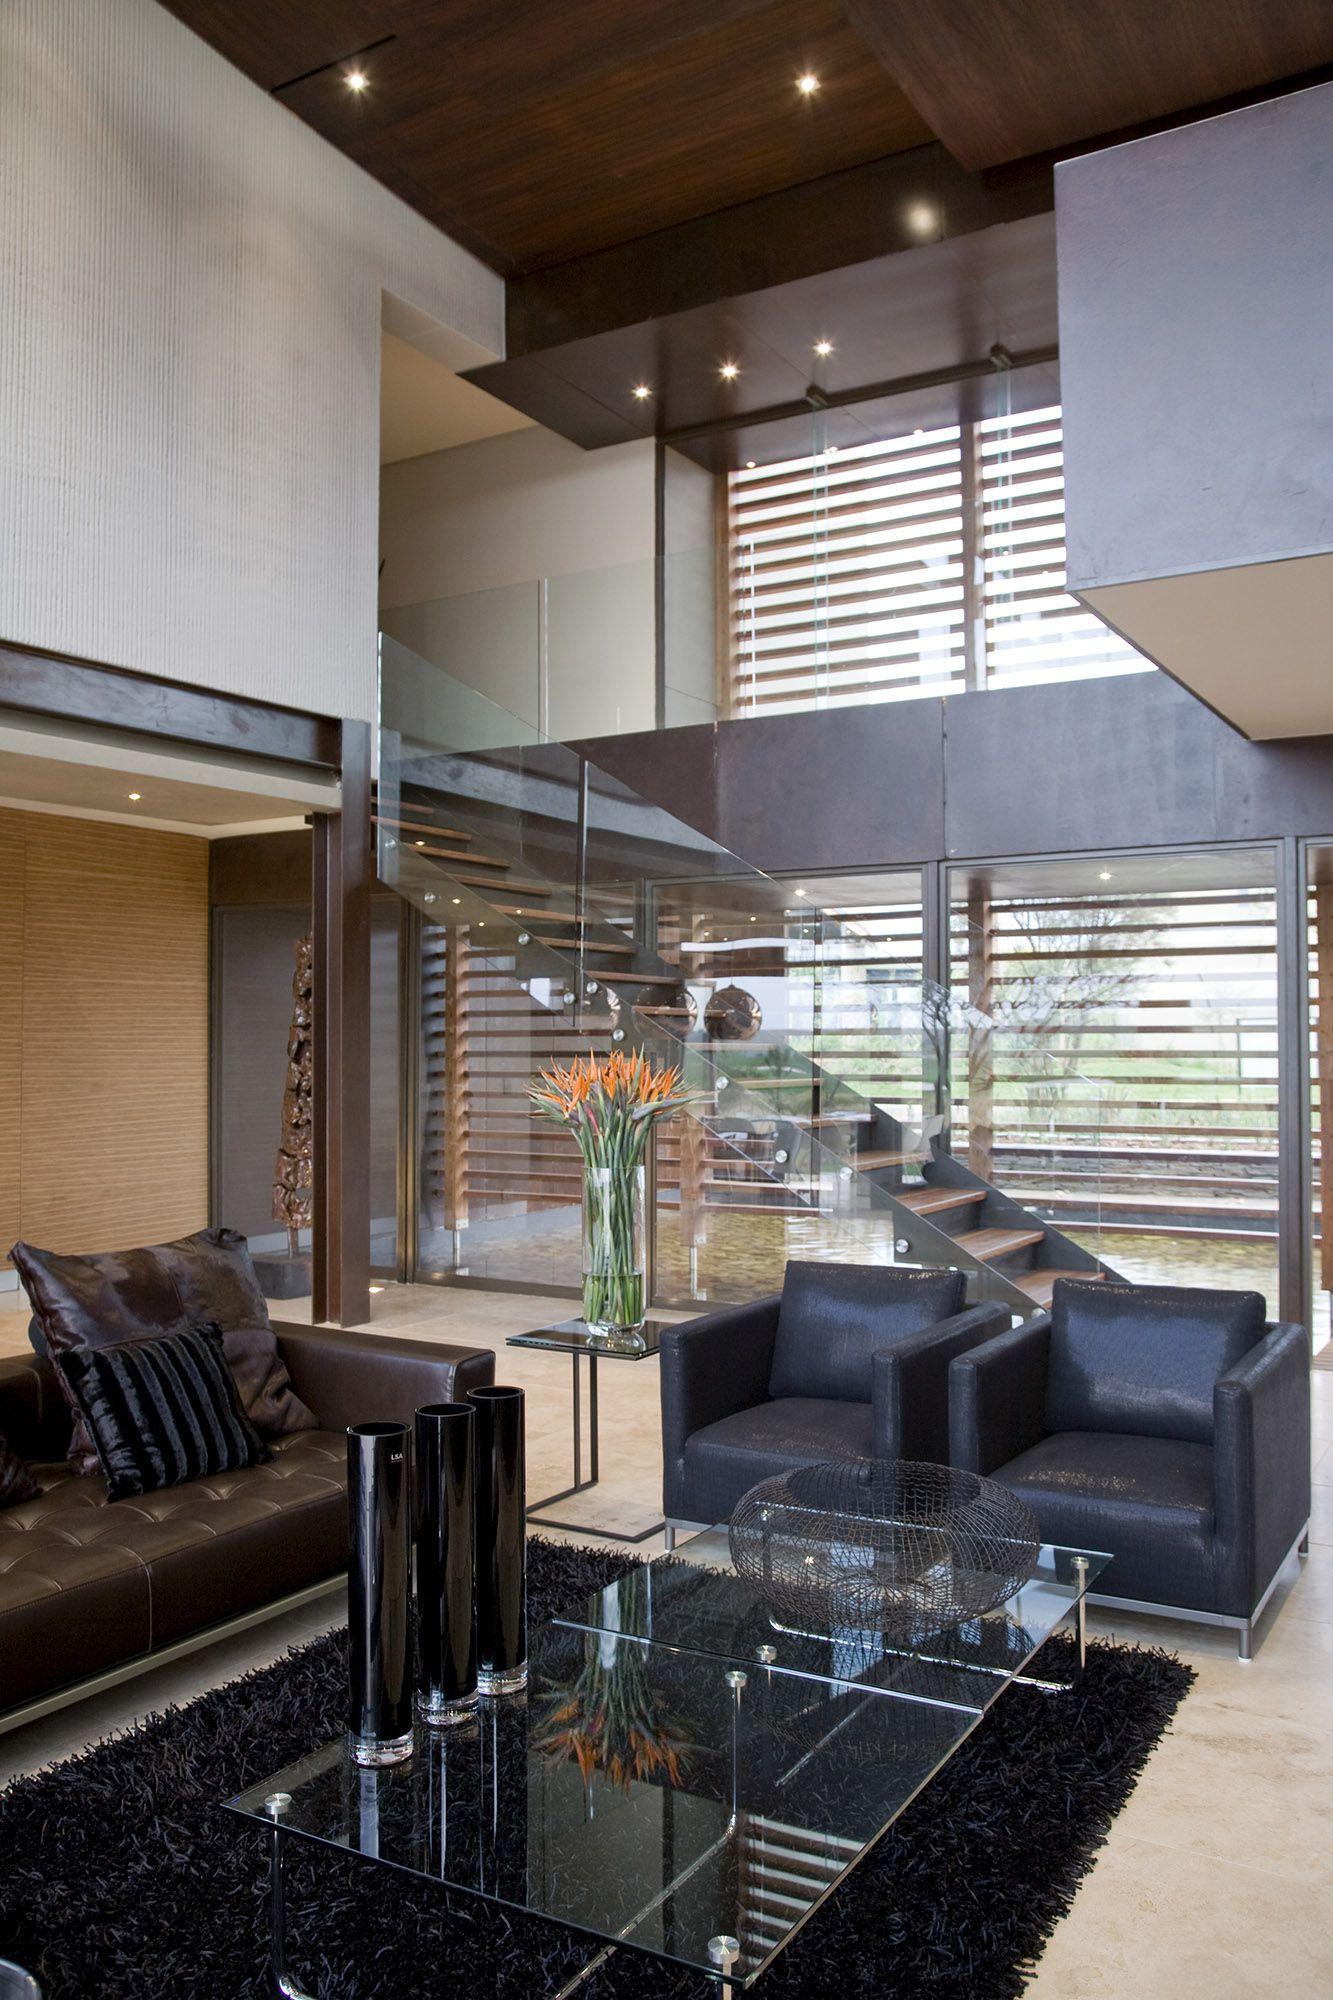 Serengeti Designed by Rudolph van der Meulen 265